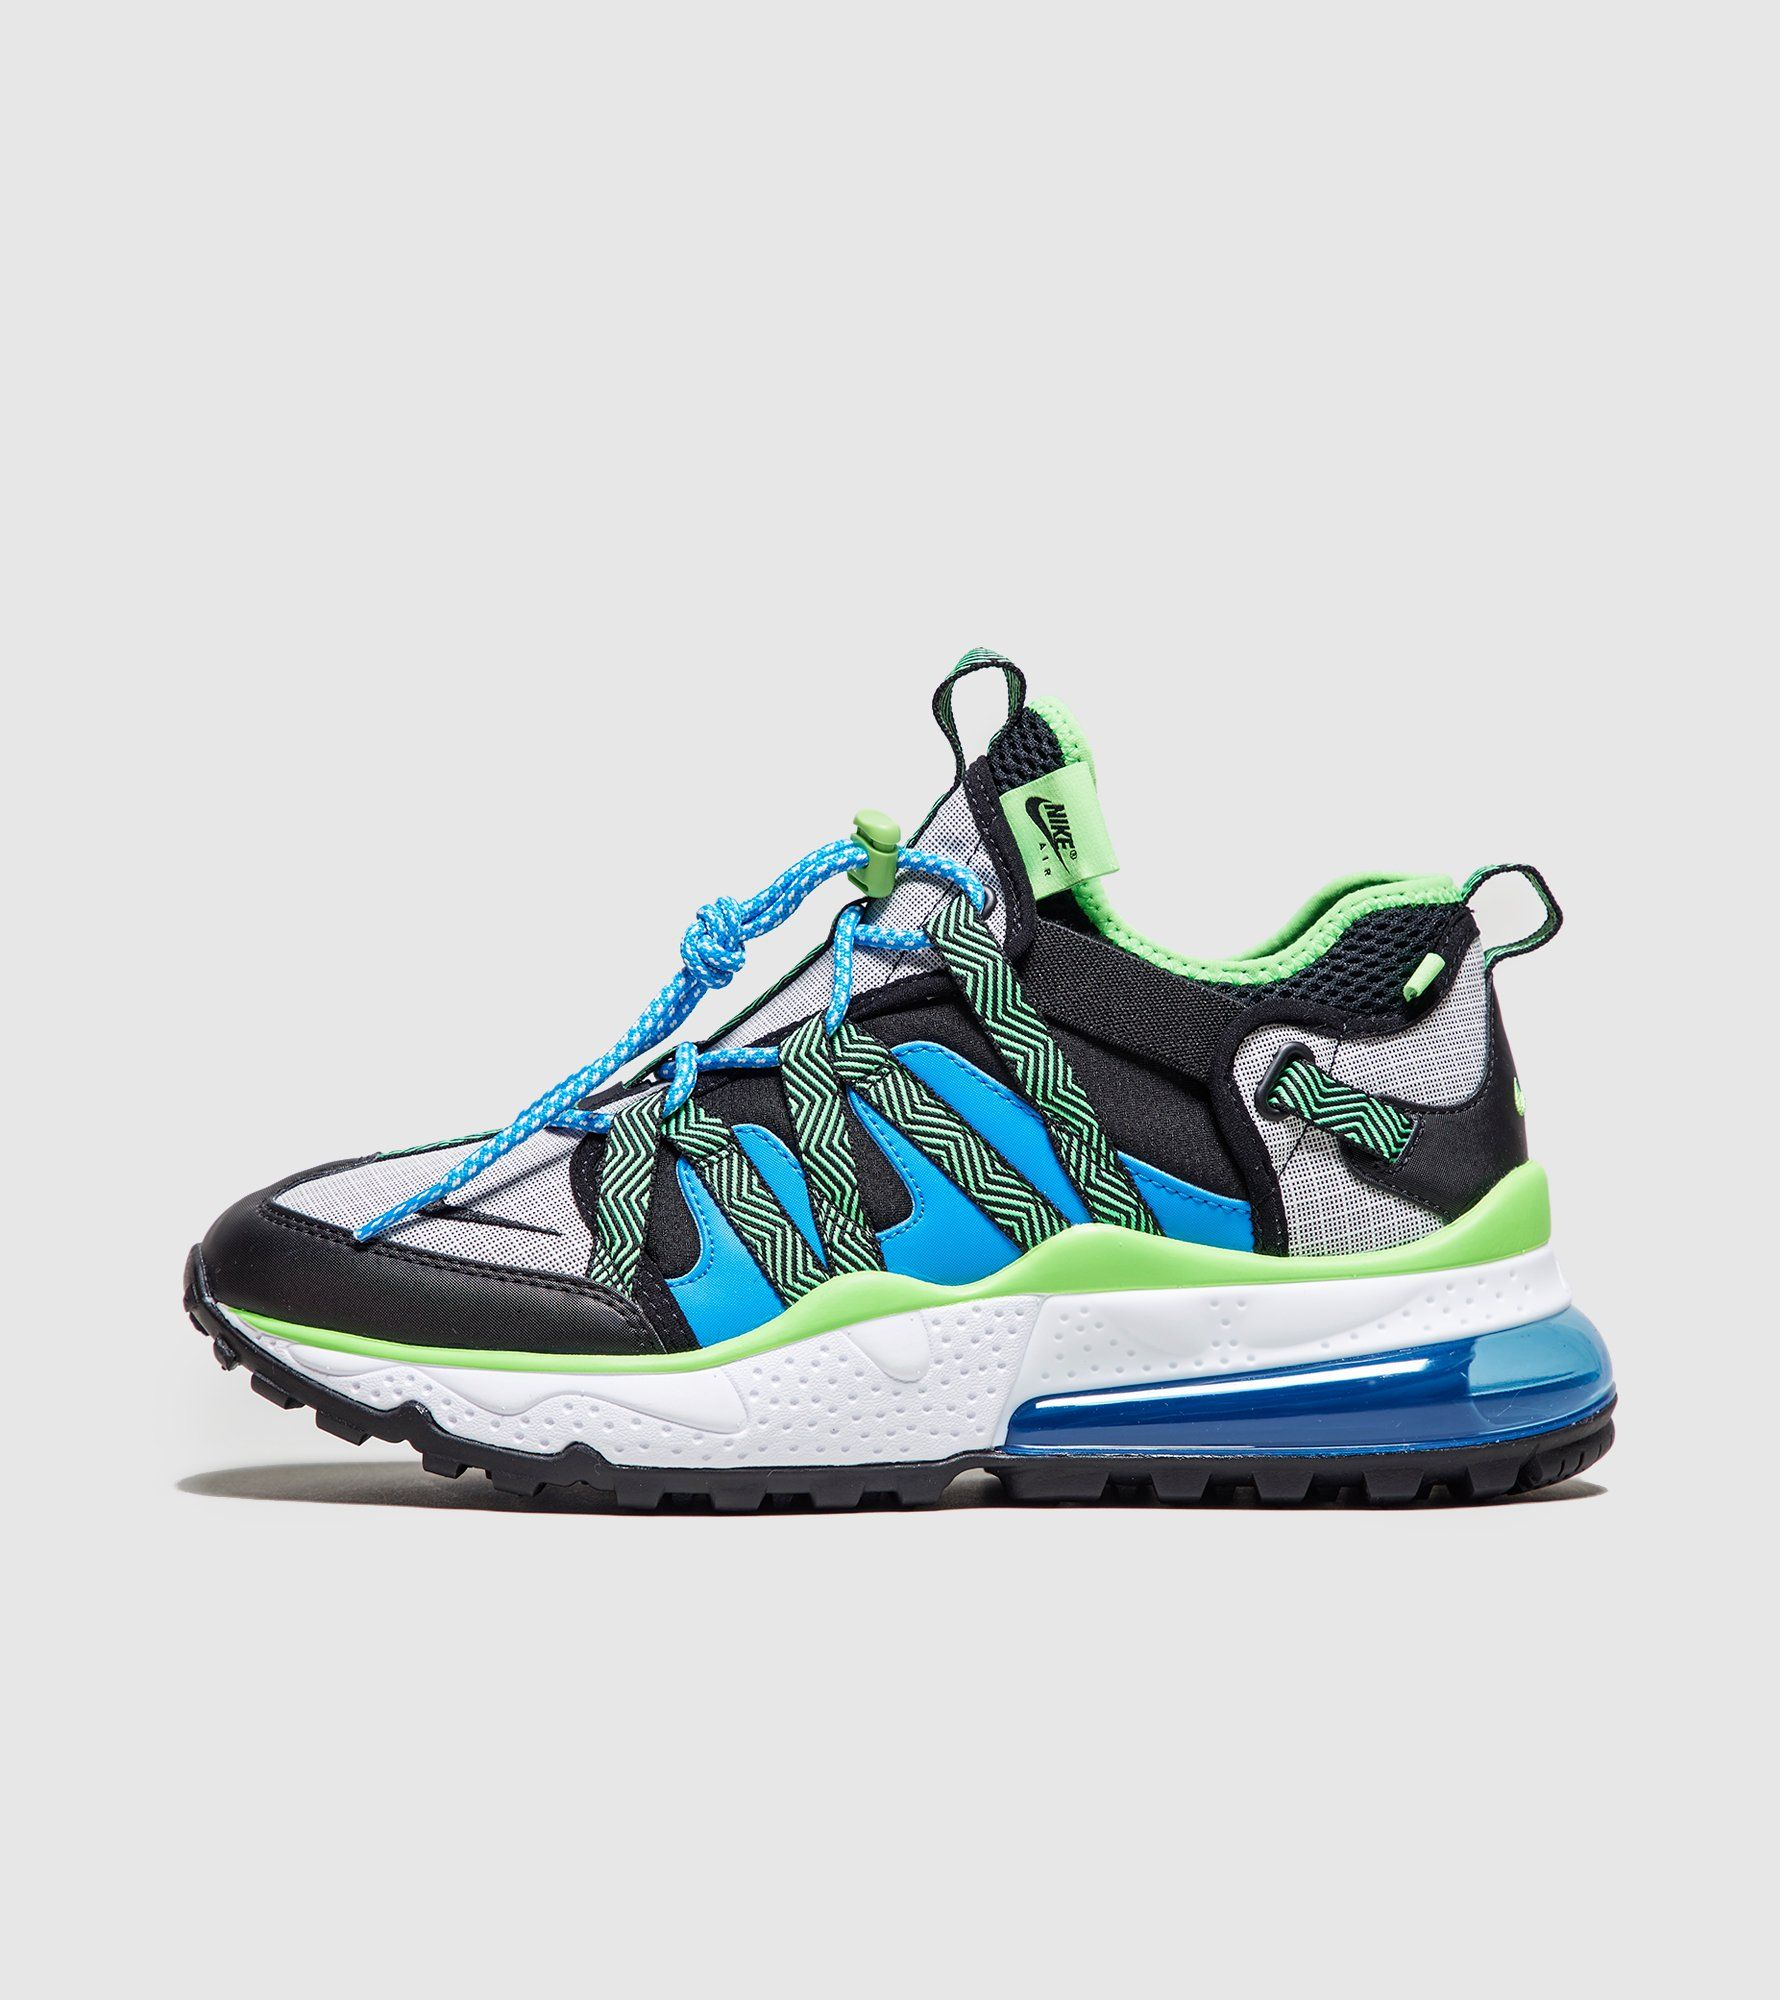 Nike Air Max 270 Bowfin